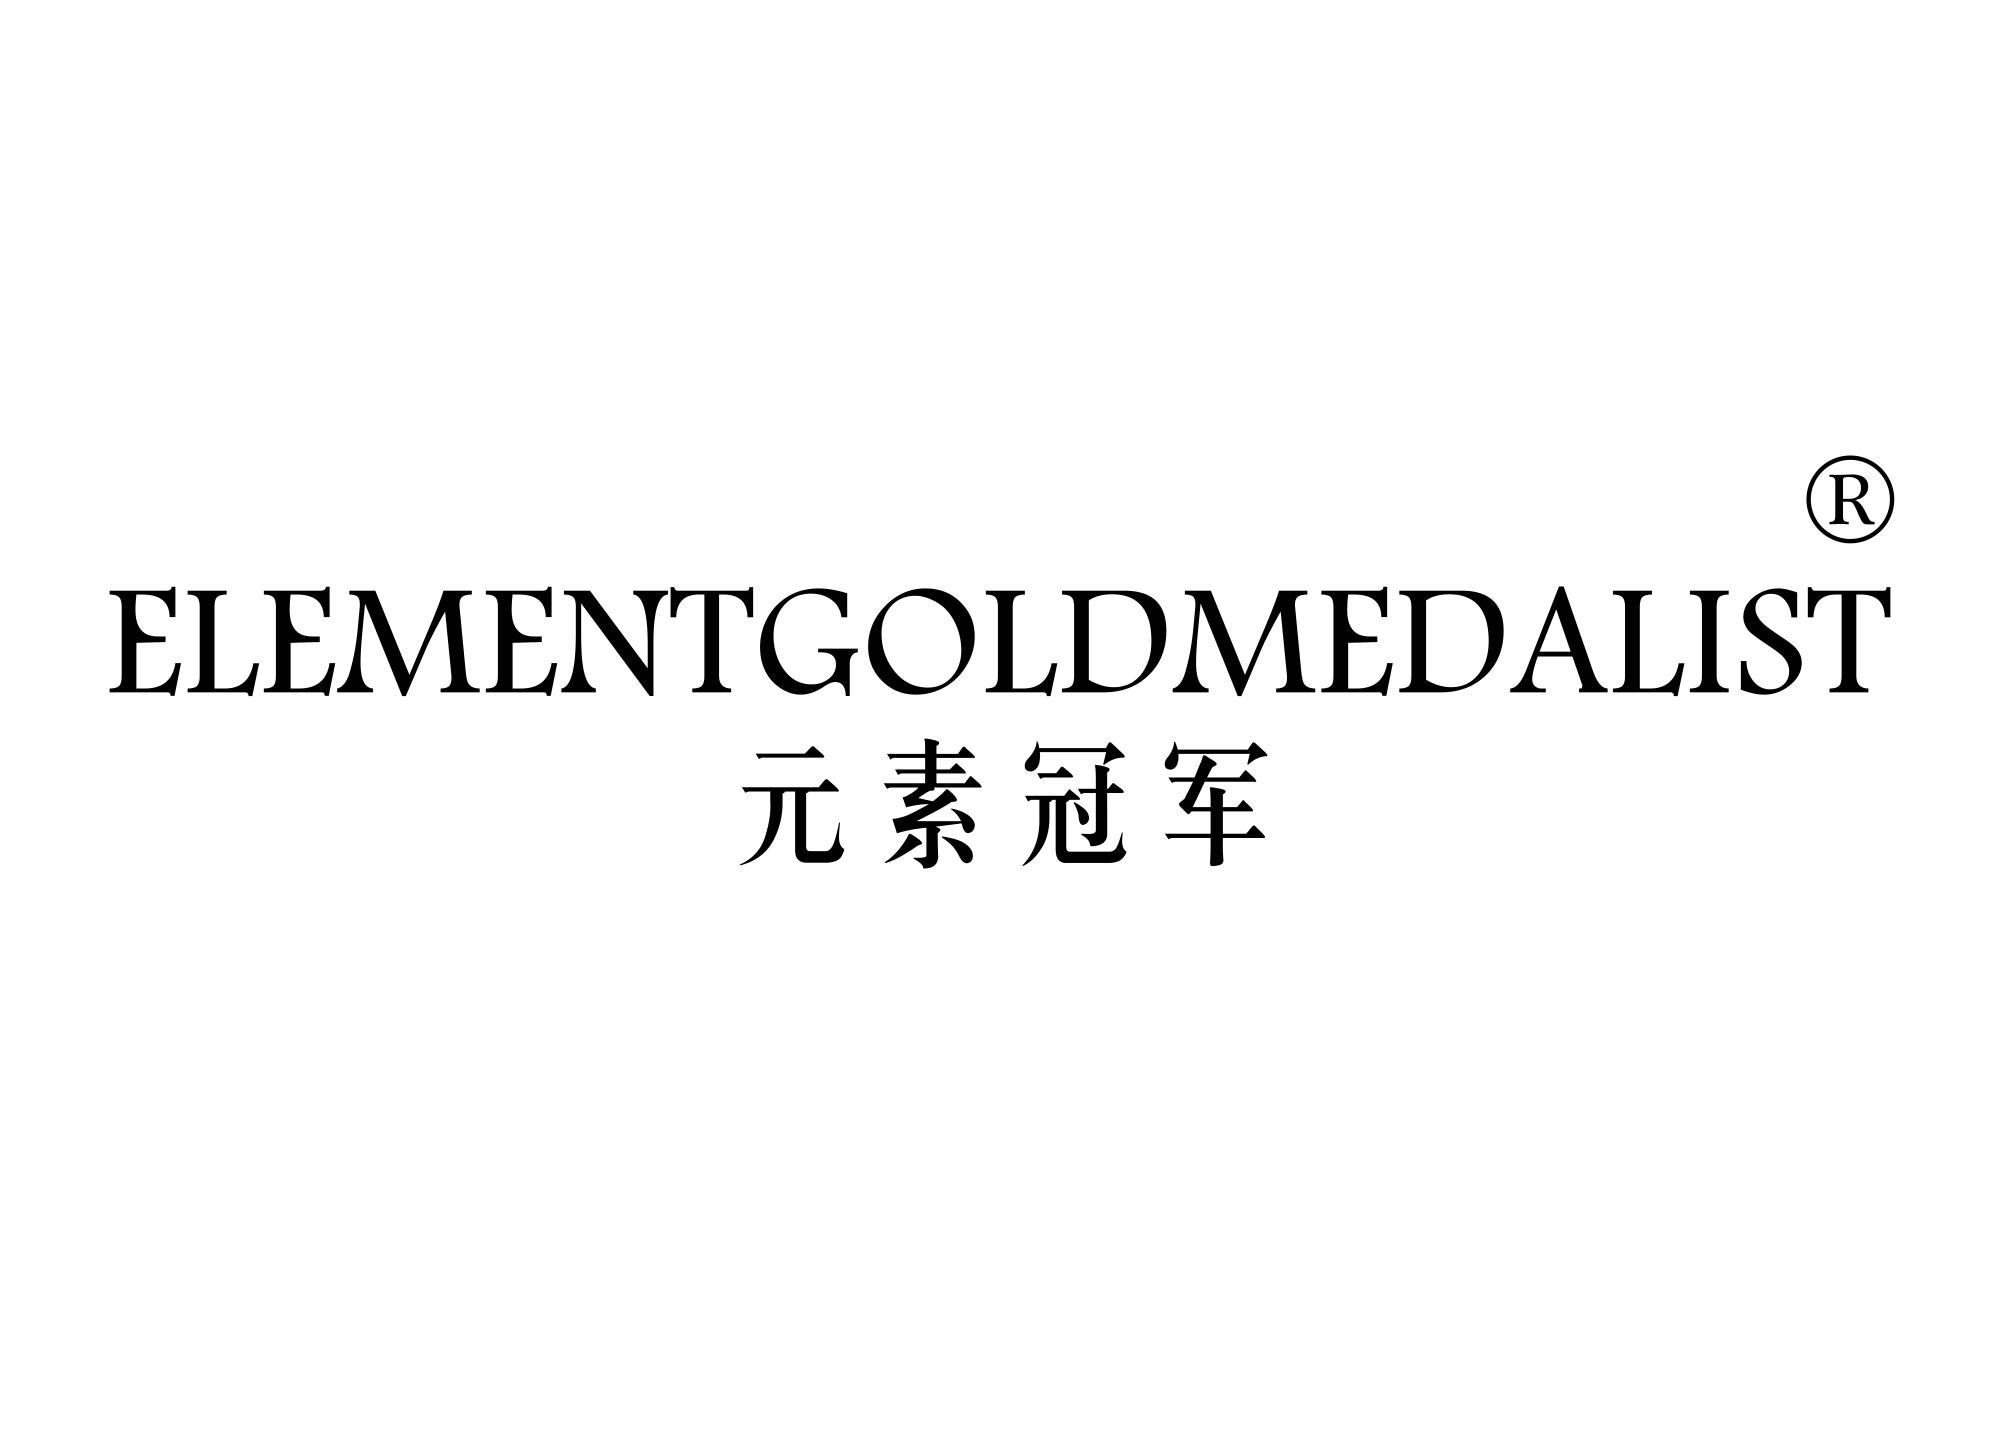 元素冠军 ELEMENTGOLDMEDALIST